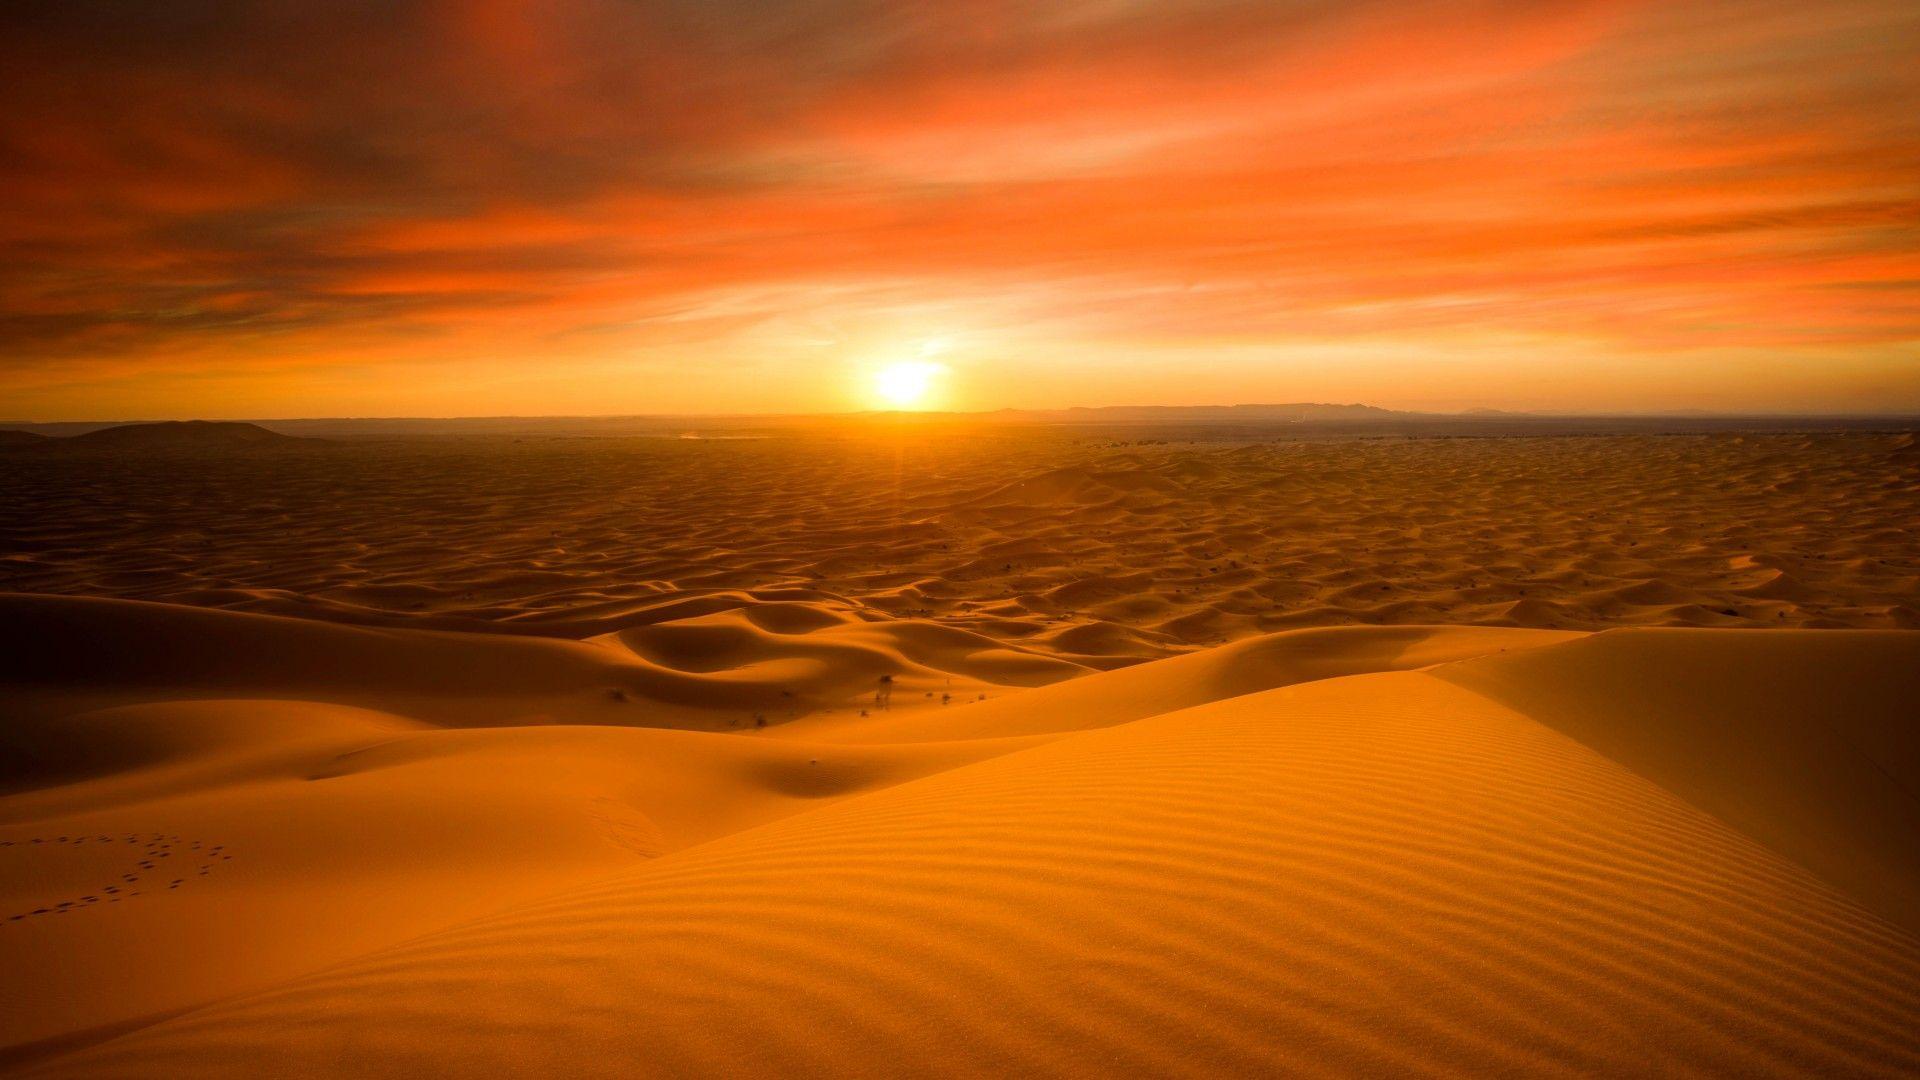 Sahara Desert Sand Dunes Sunset 5k Desert Background Sunset Nature Sunset Hd wallpaper sunset desert dunes sand